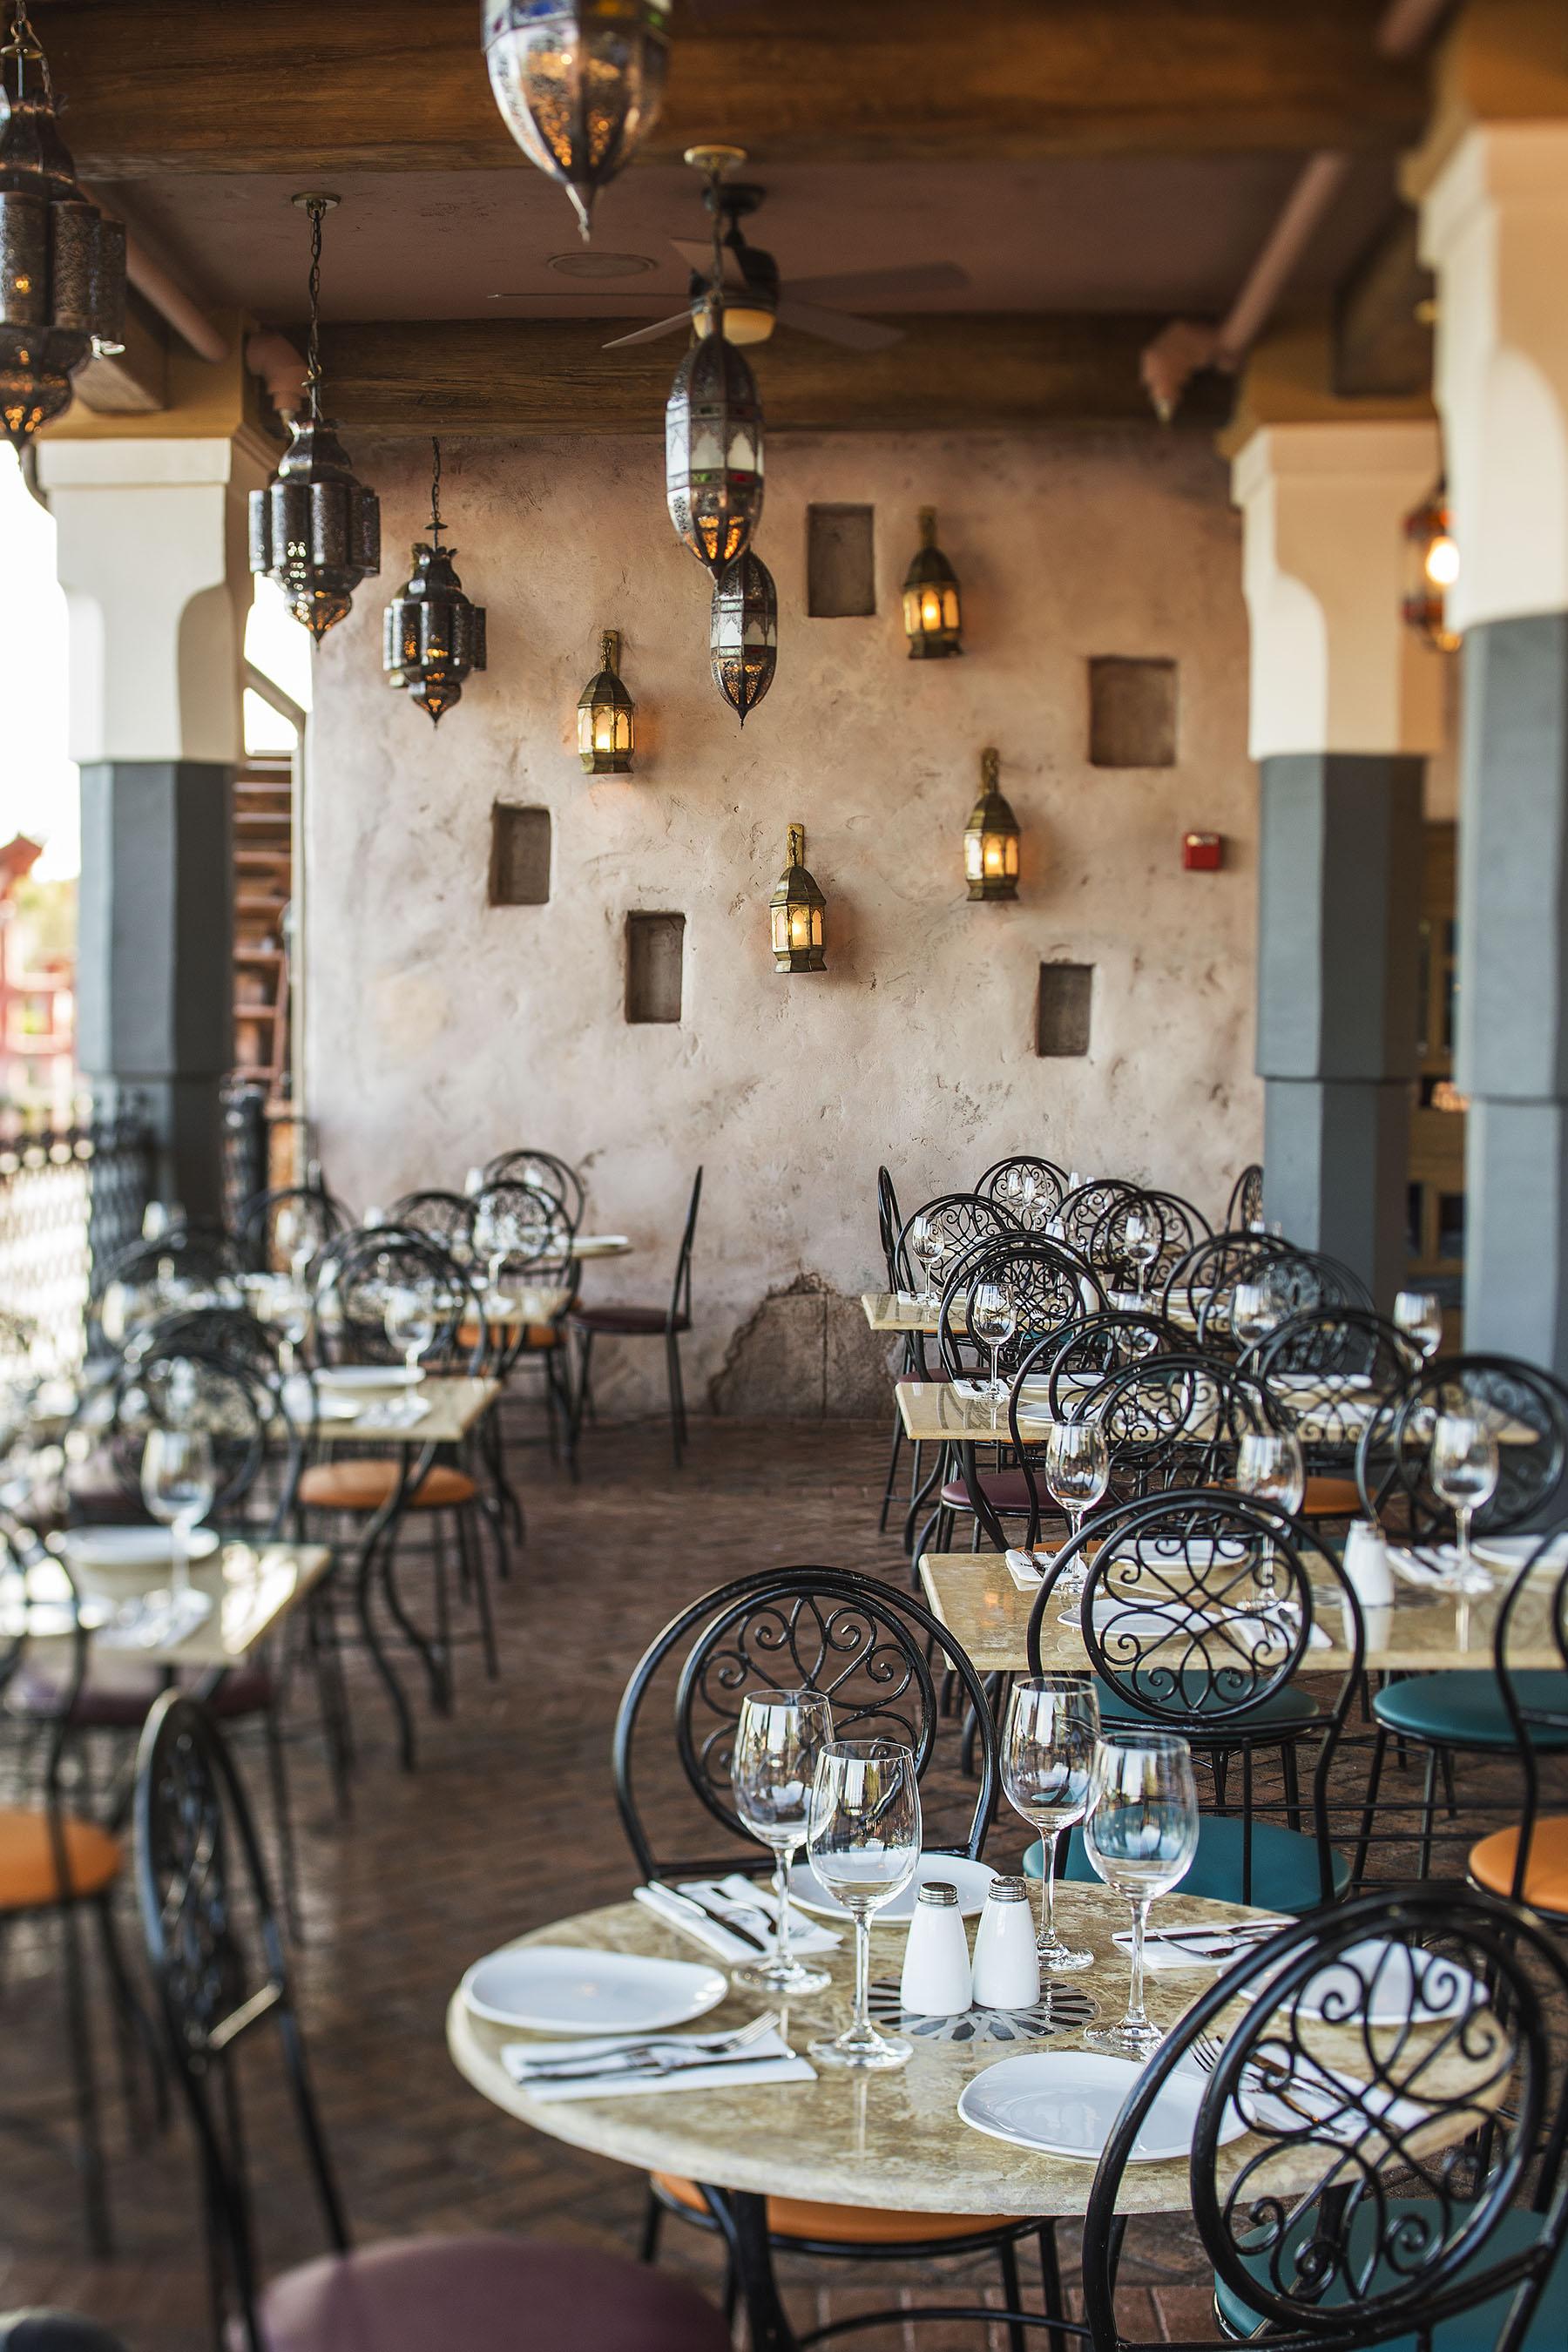 Best restaurants at Walt Disney World - Spice Road